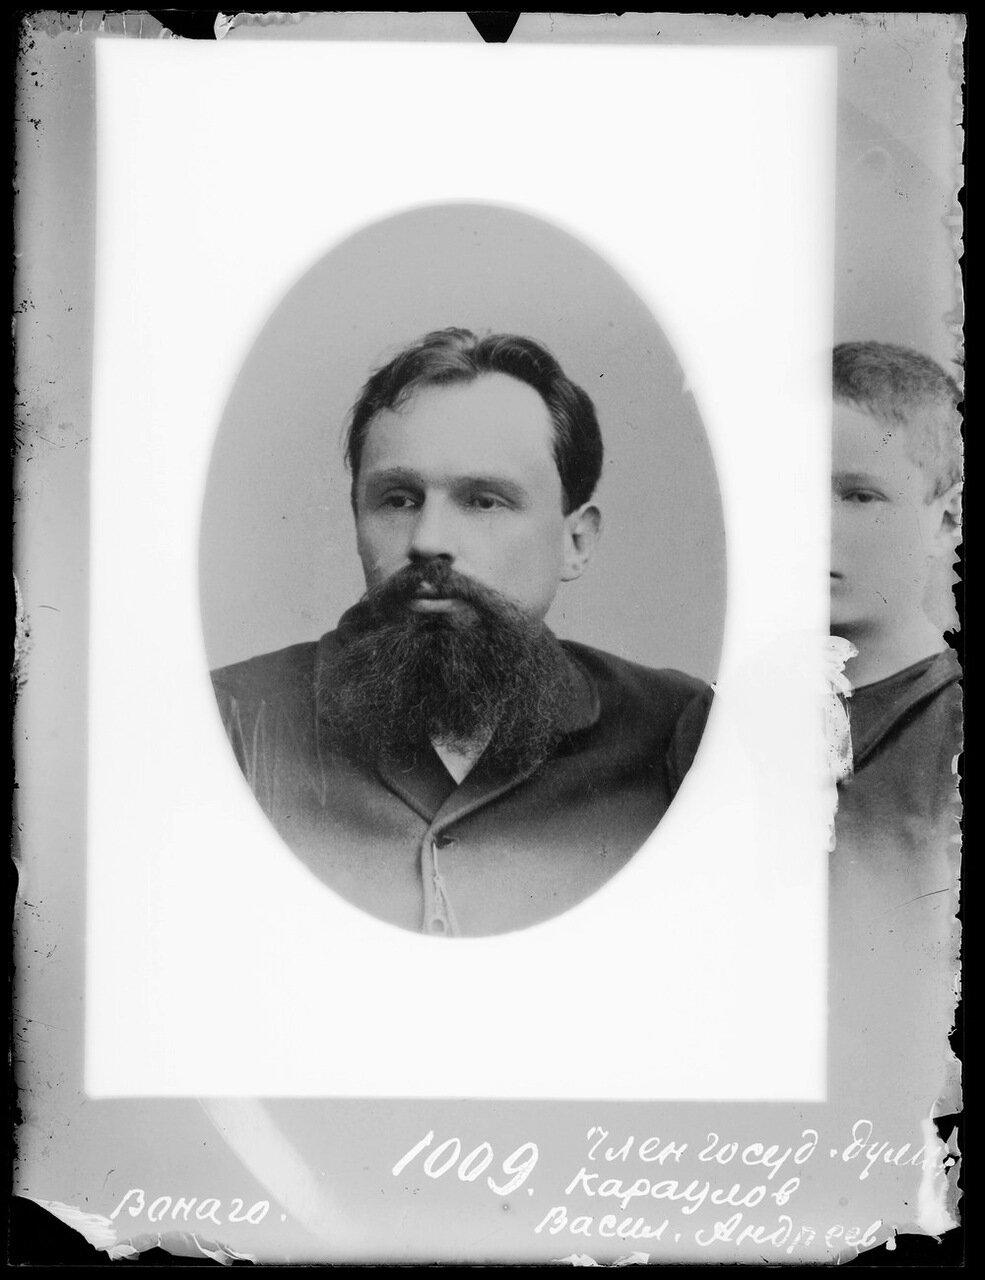 Член государственной думы Караулов Василий Андреевич